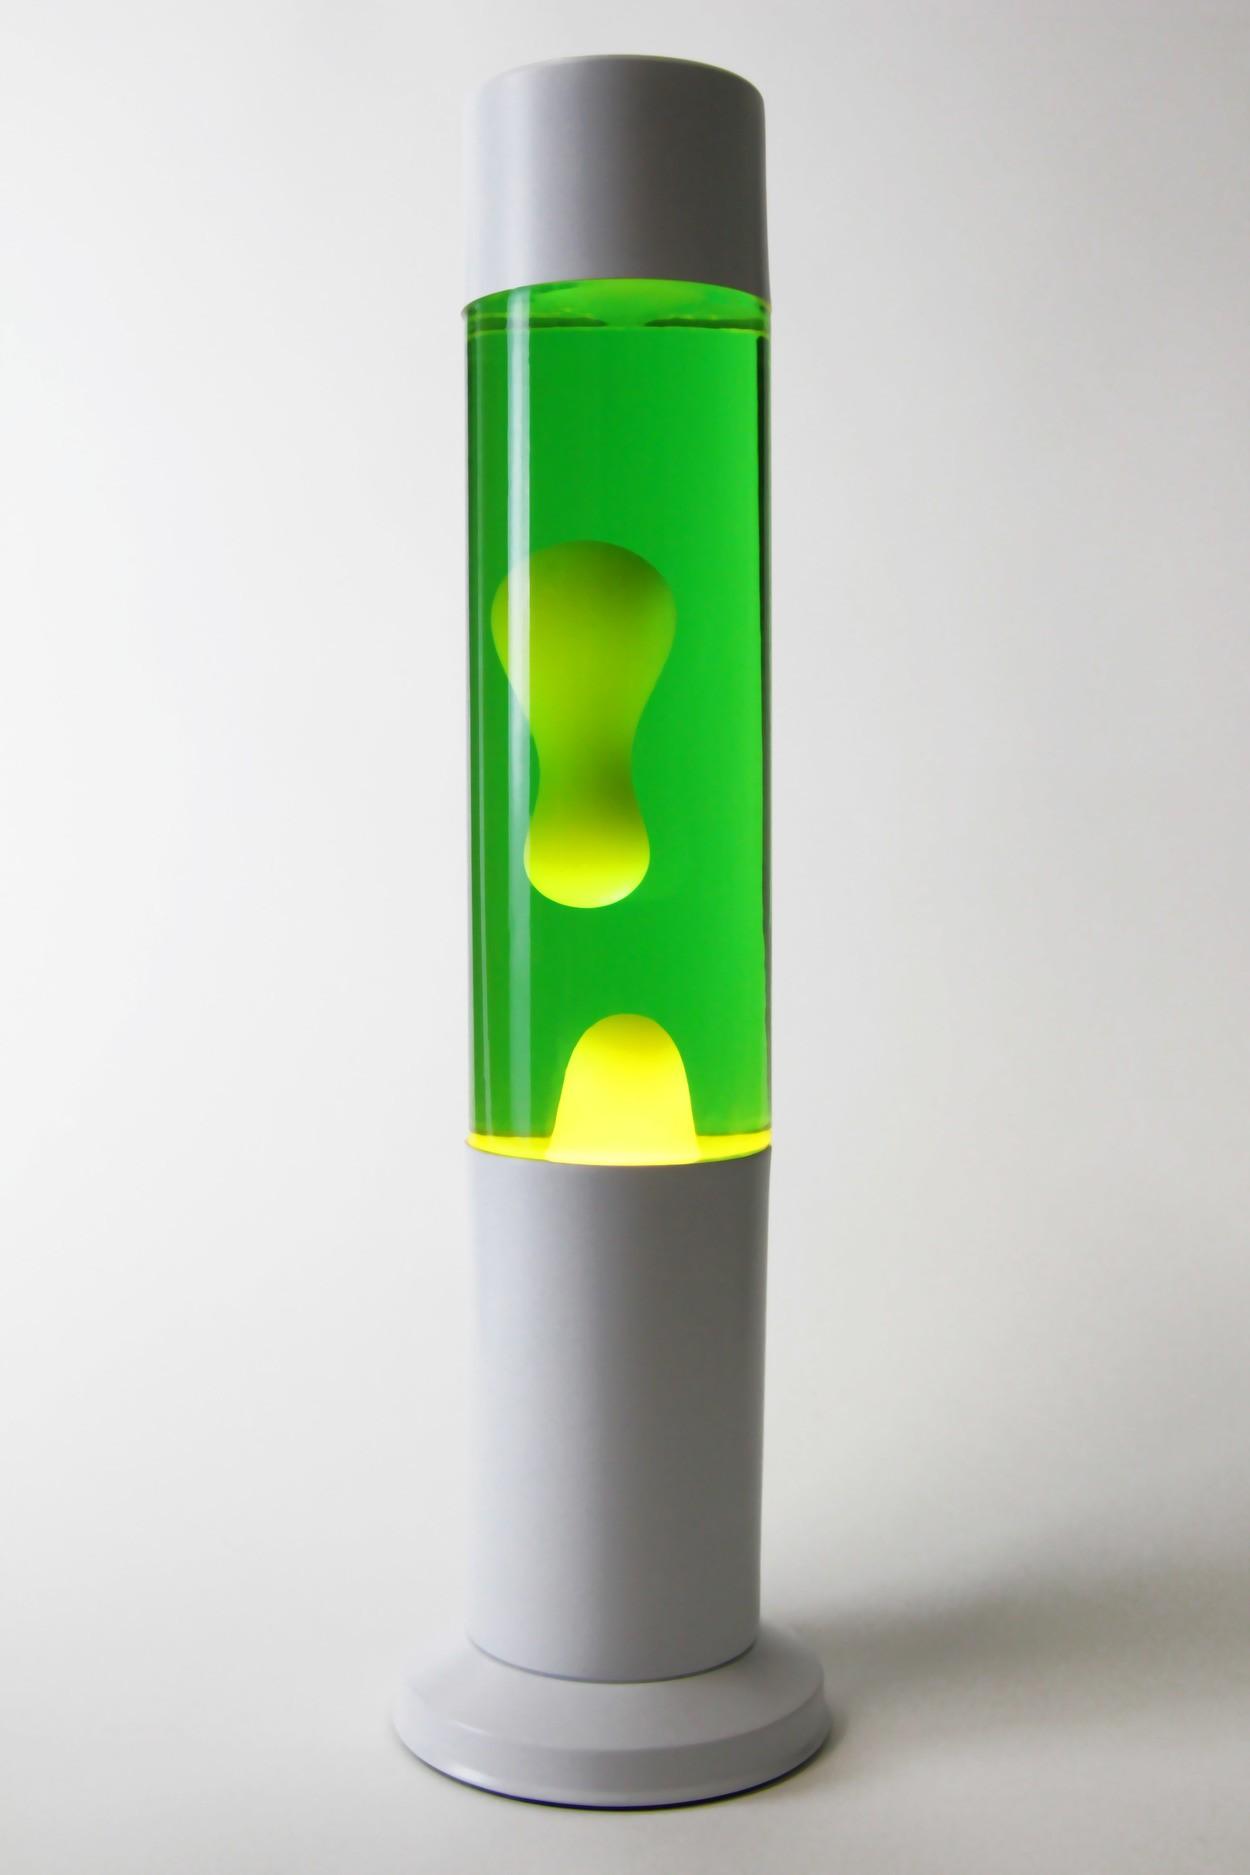 Лавовая лампа 38см CL Зелёная/Жёлтая (Воск)